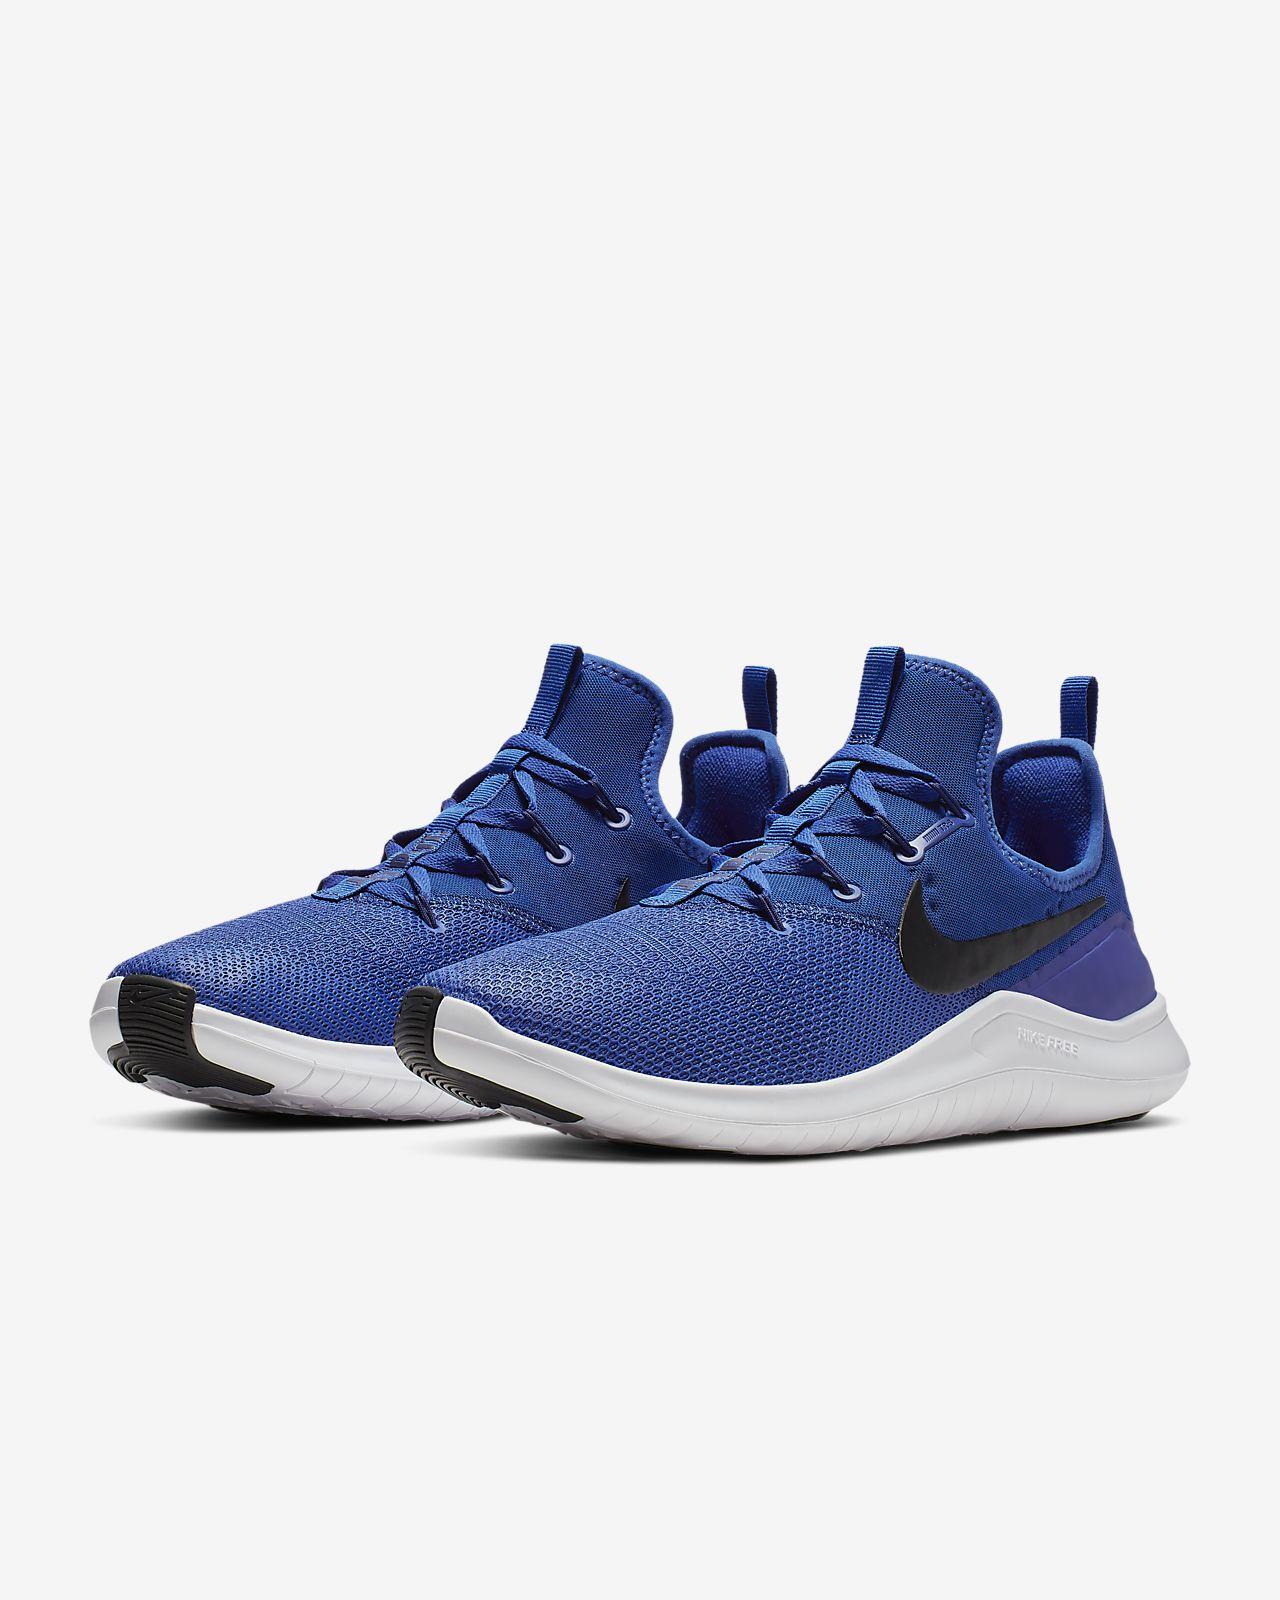 low priced bfb3f 99036 ... Nike Free TR 8 Men s Training Shoe